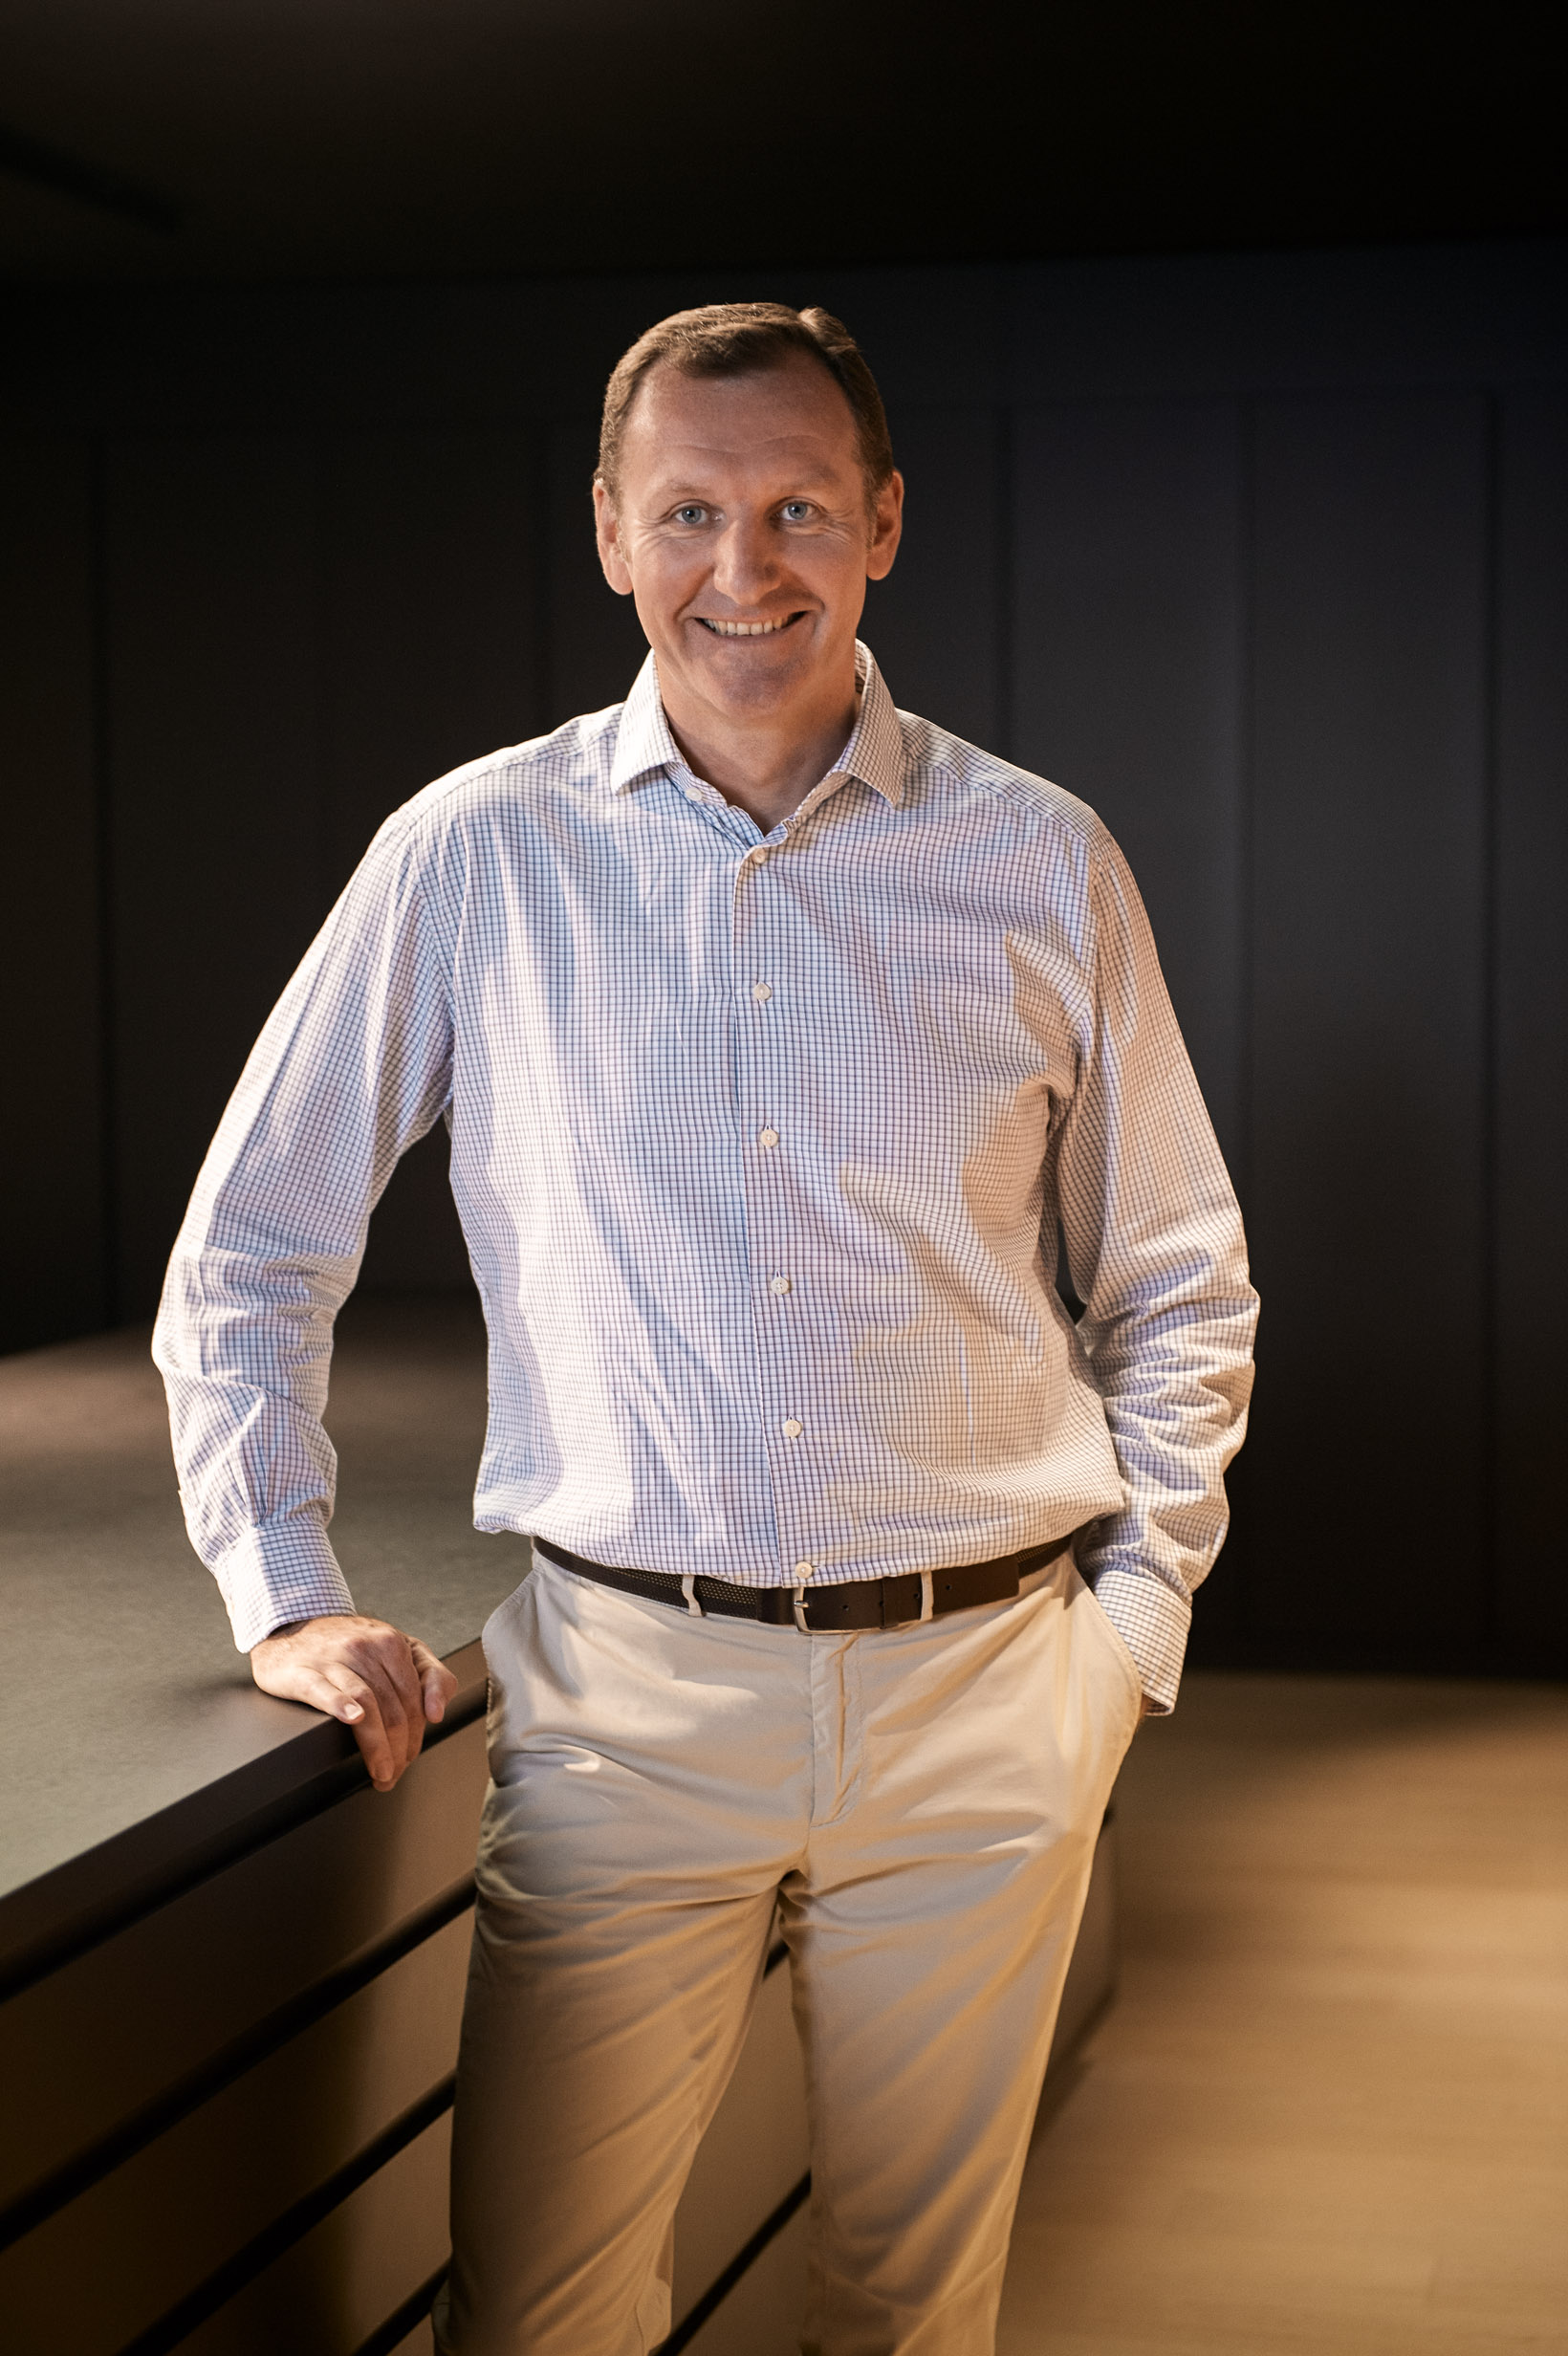 Peter van Lommel